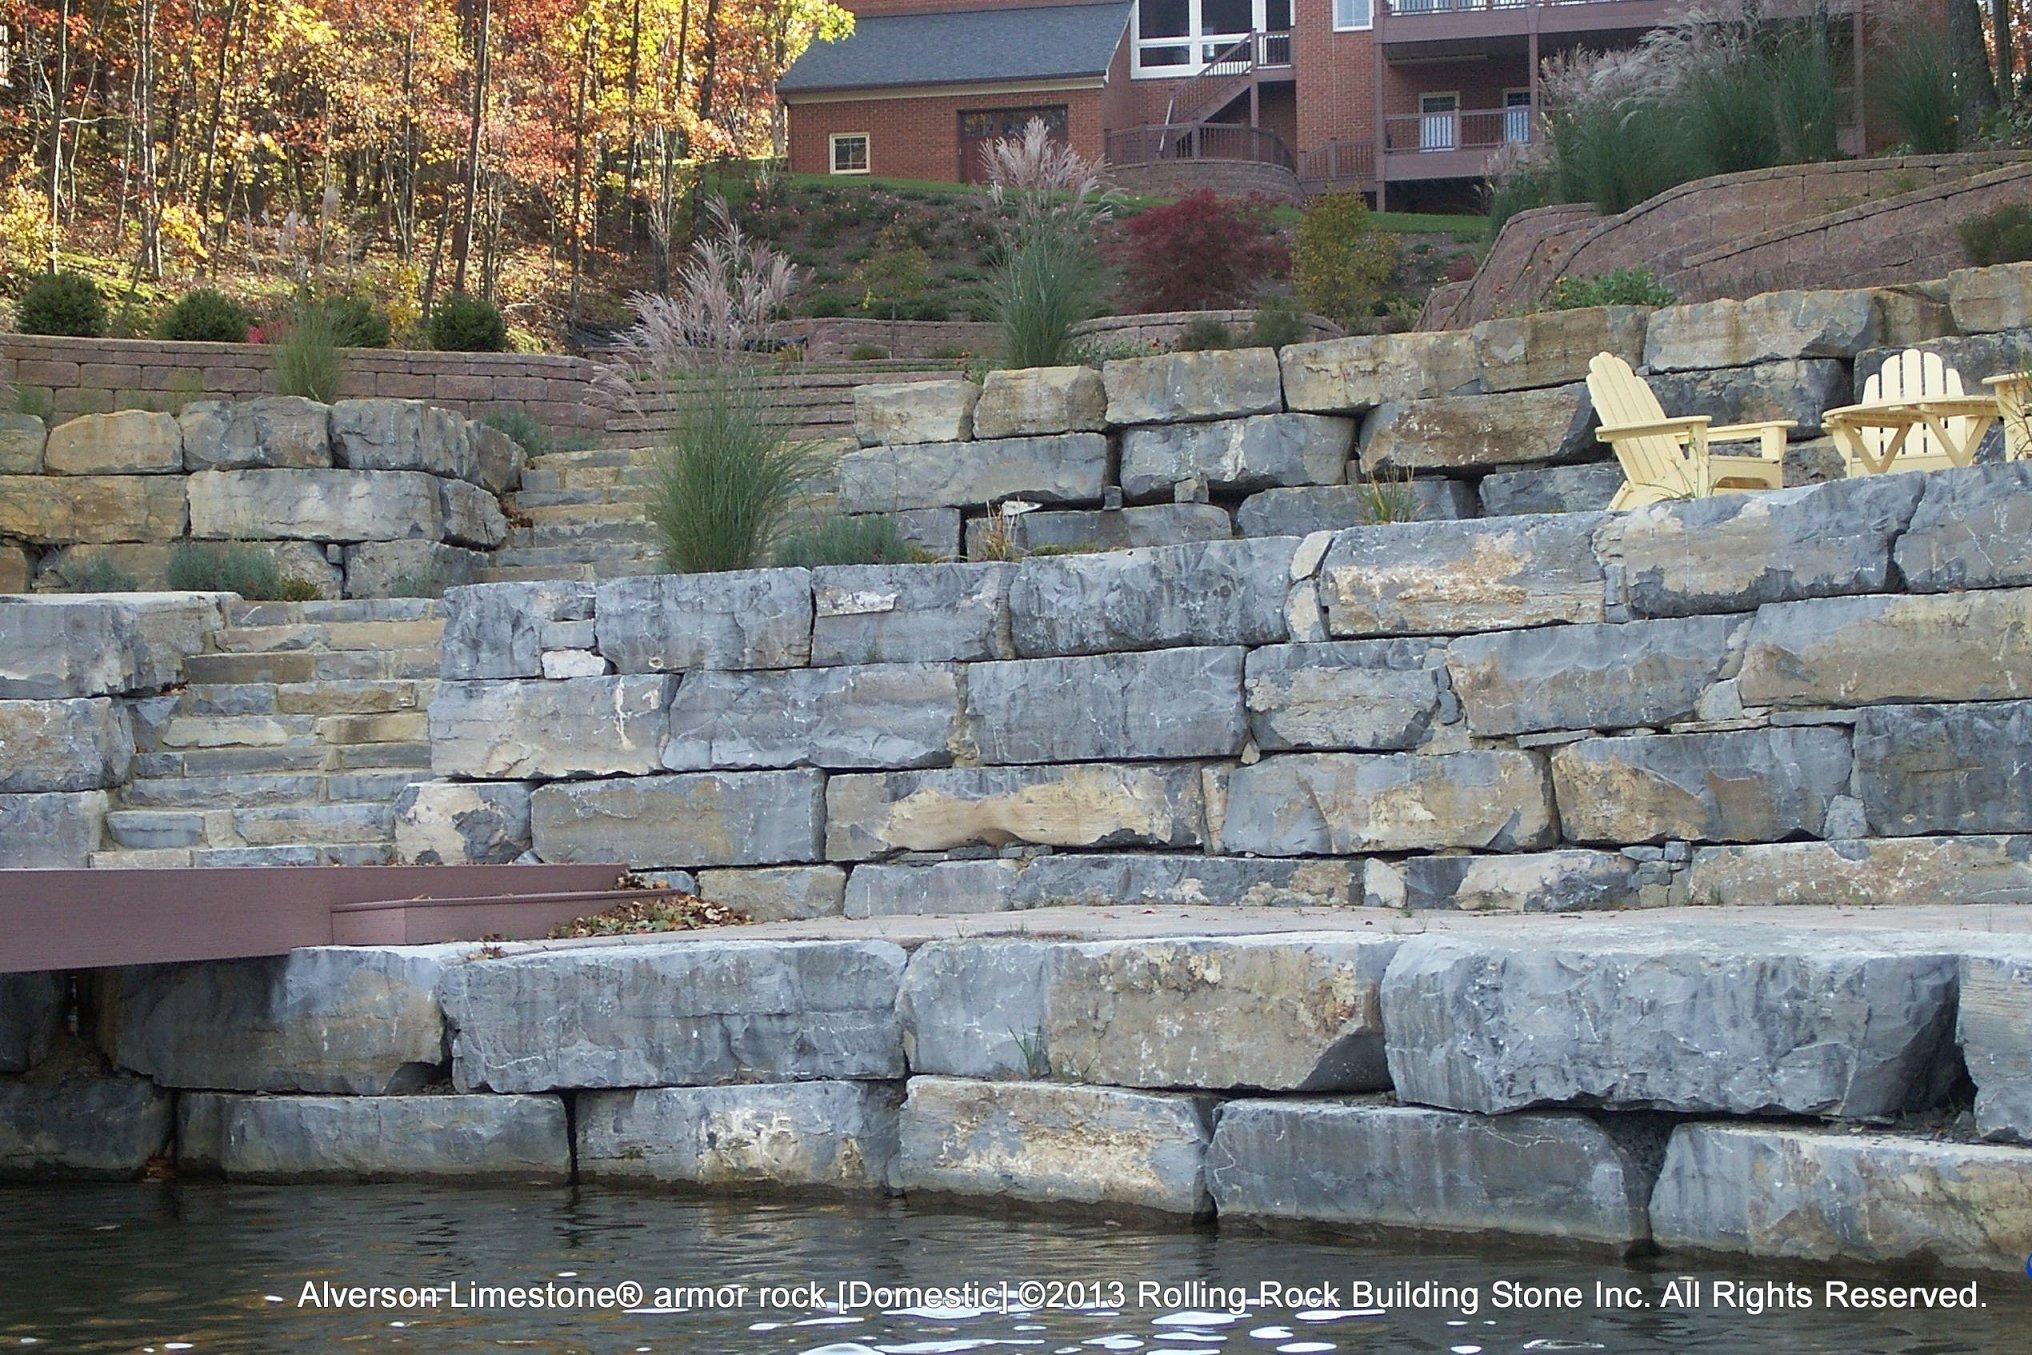 alverson limestone u00ae armor rock